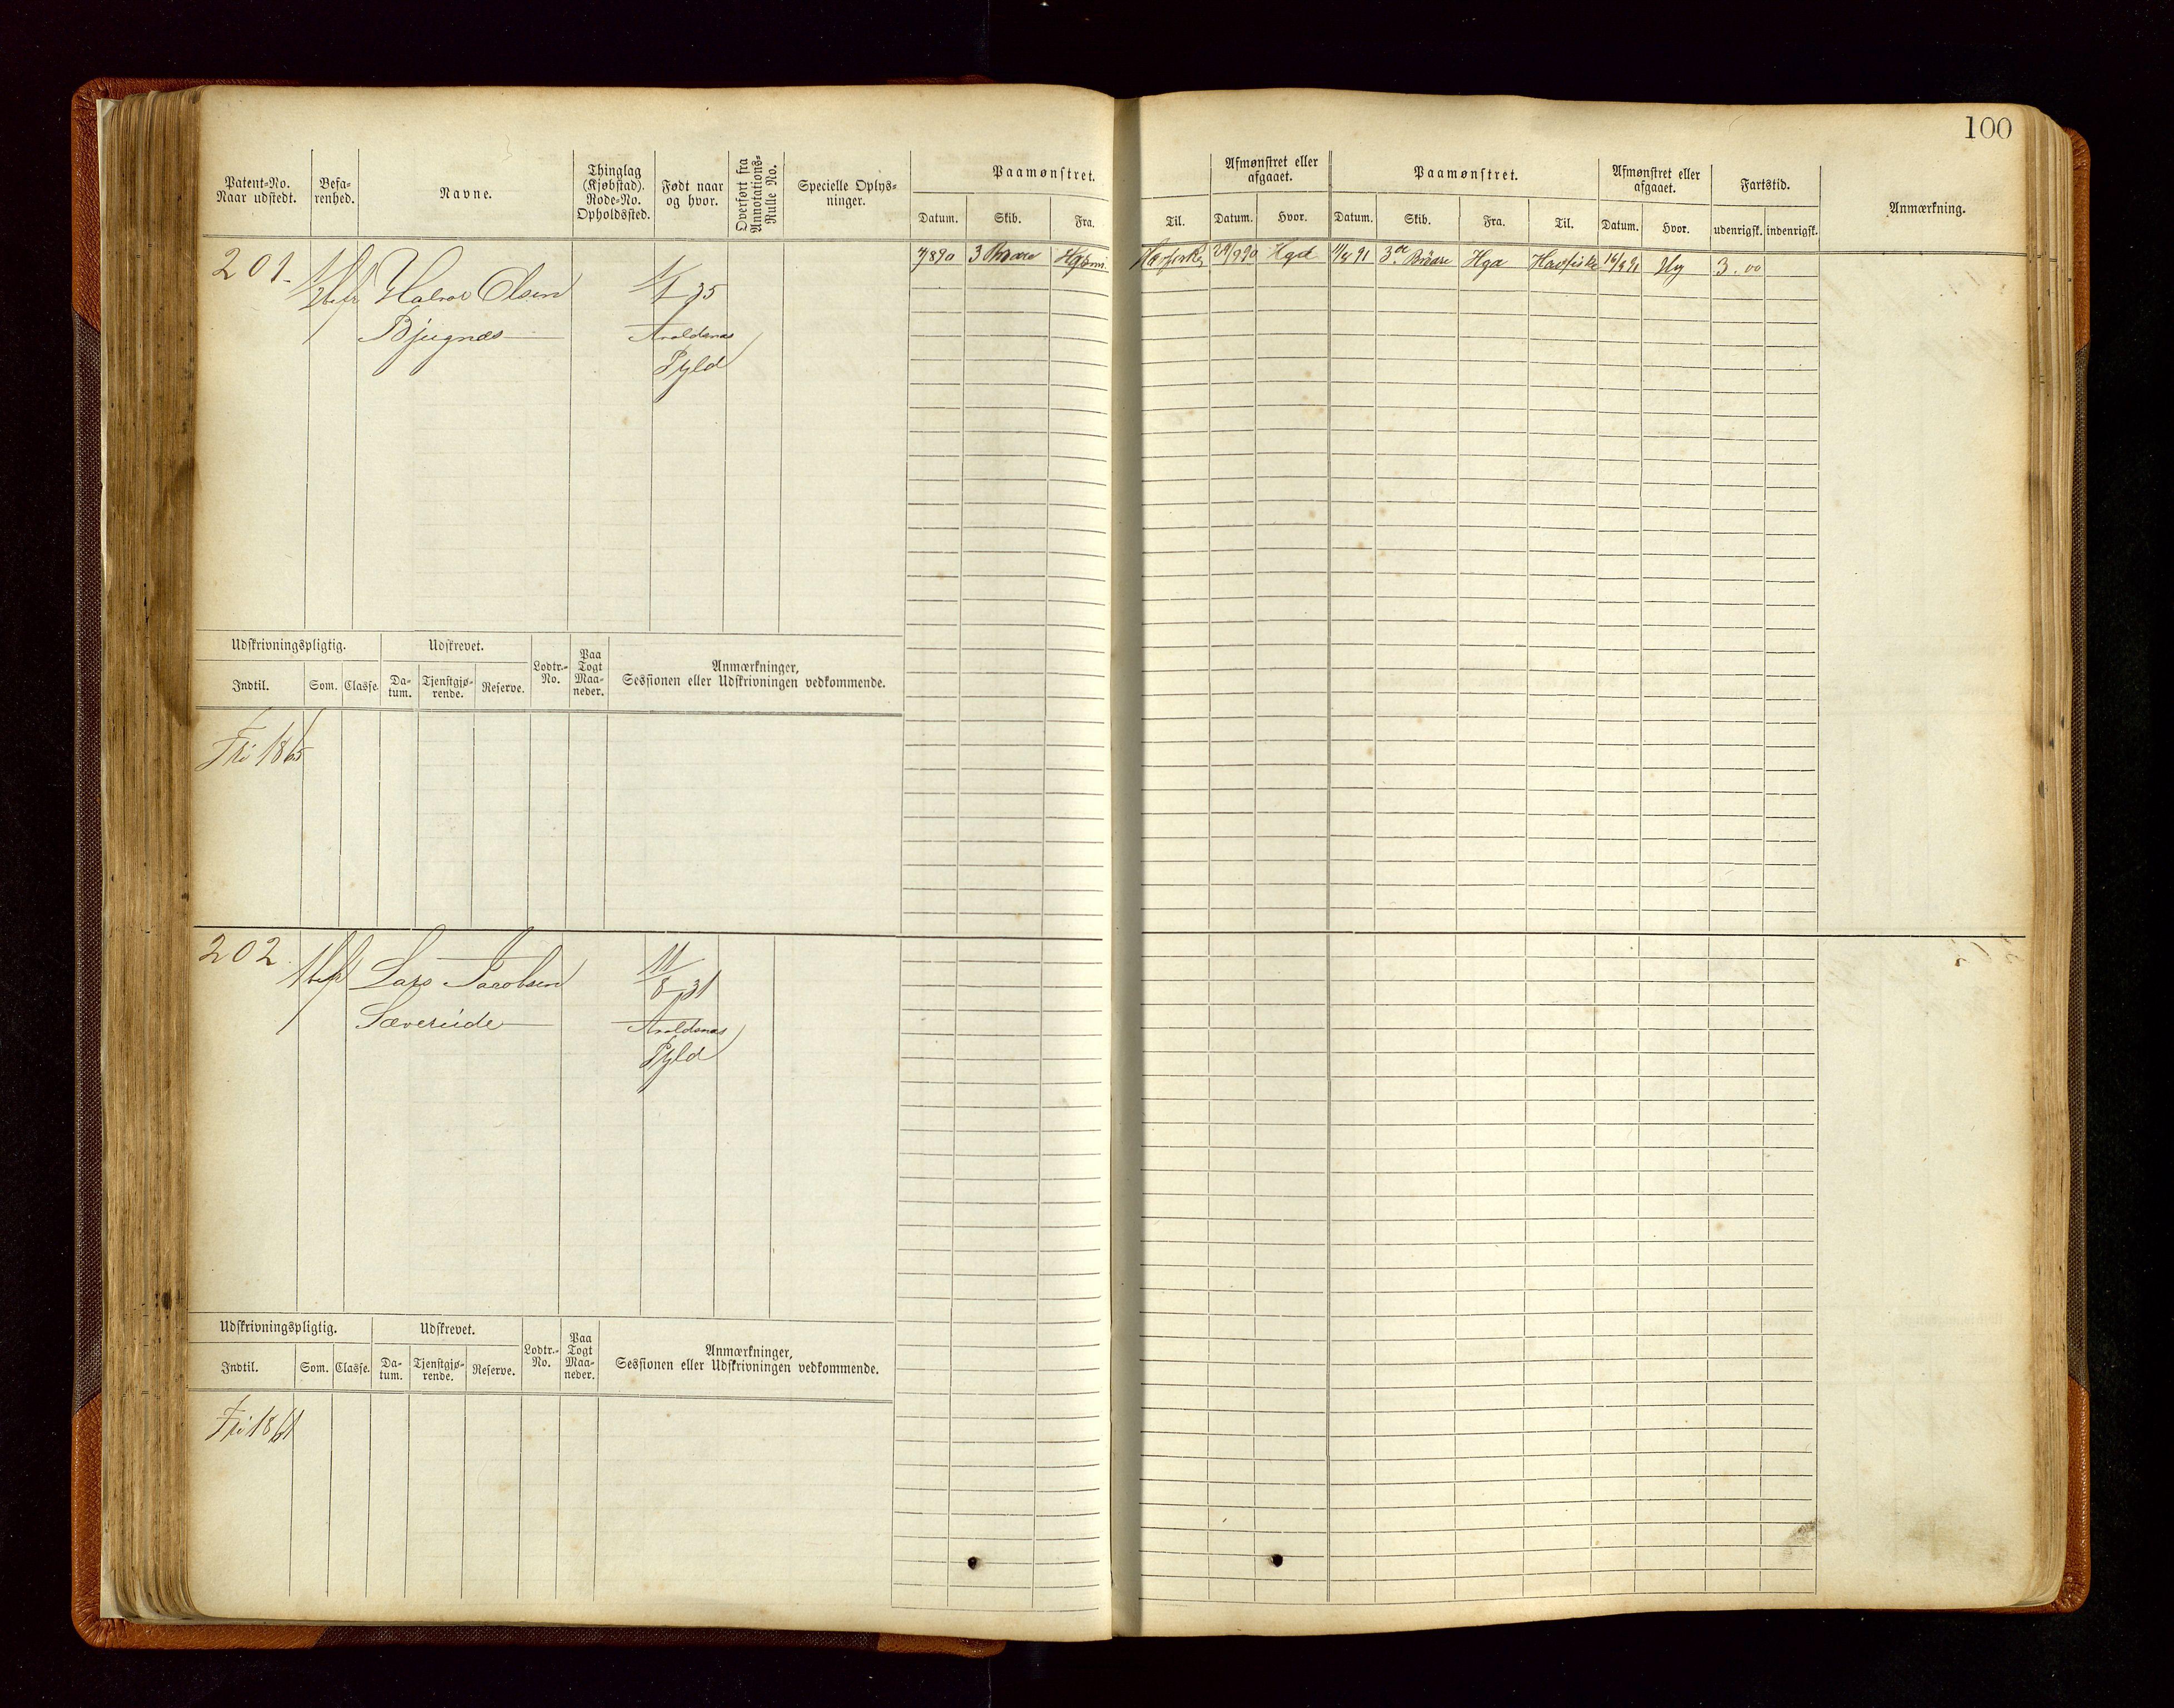 SAST, Haugesund sjømannskontor, F/Fb/Fbb/L0004: Sjøfartsrulle Haugesund krets nr. 1-1922, 1868-1948, s. 100